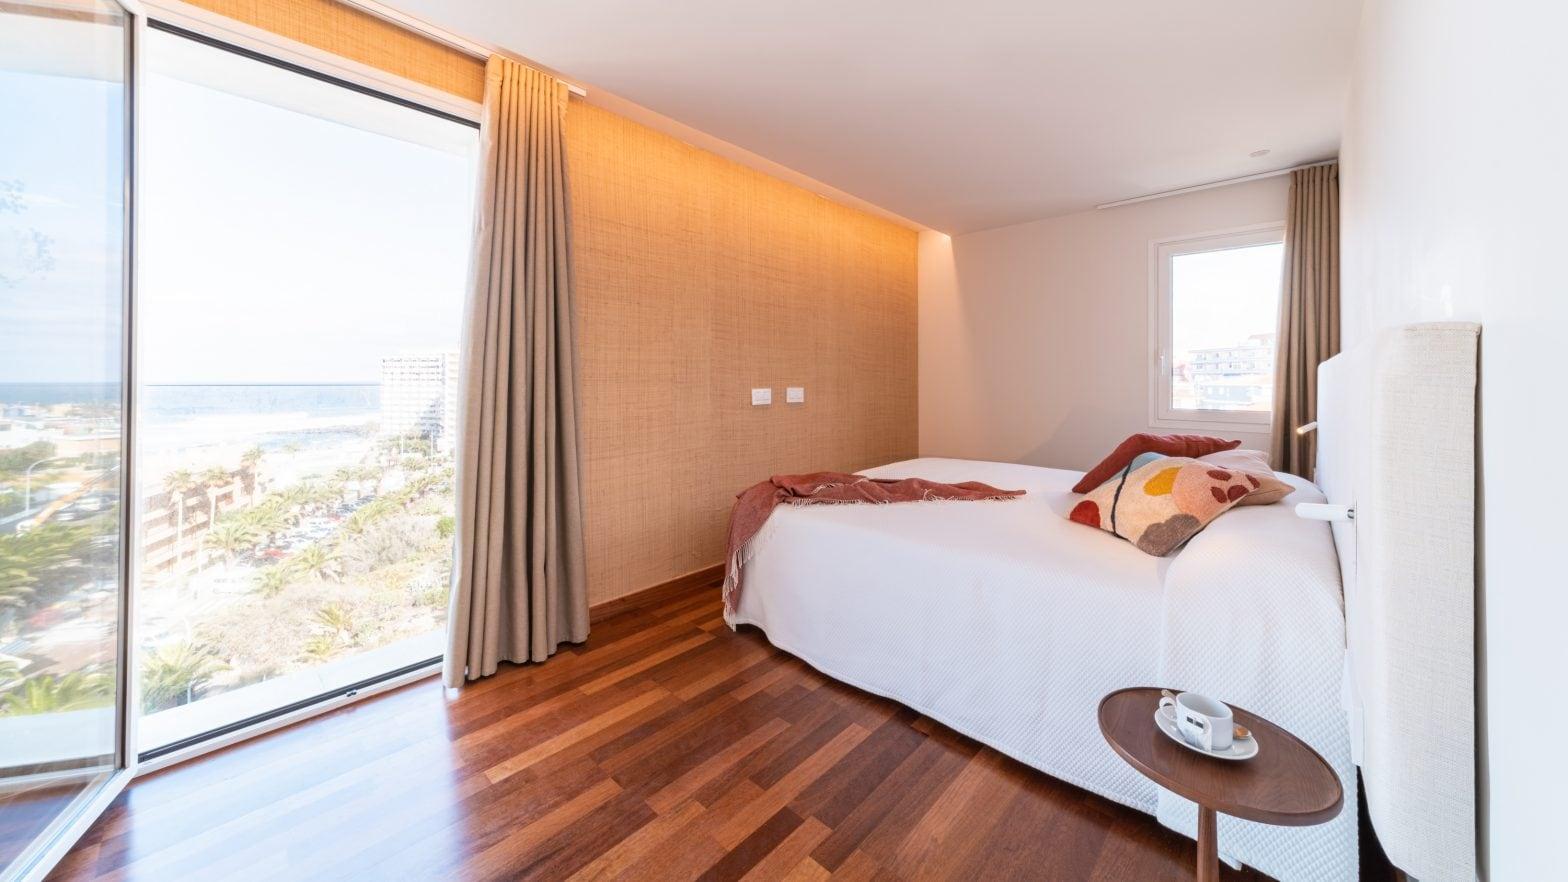 oceano-hotel-tenerife-designsuite-2